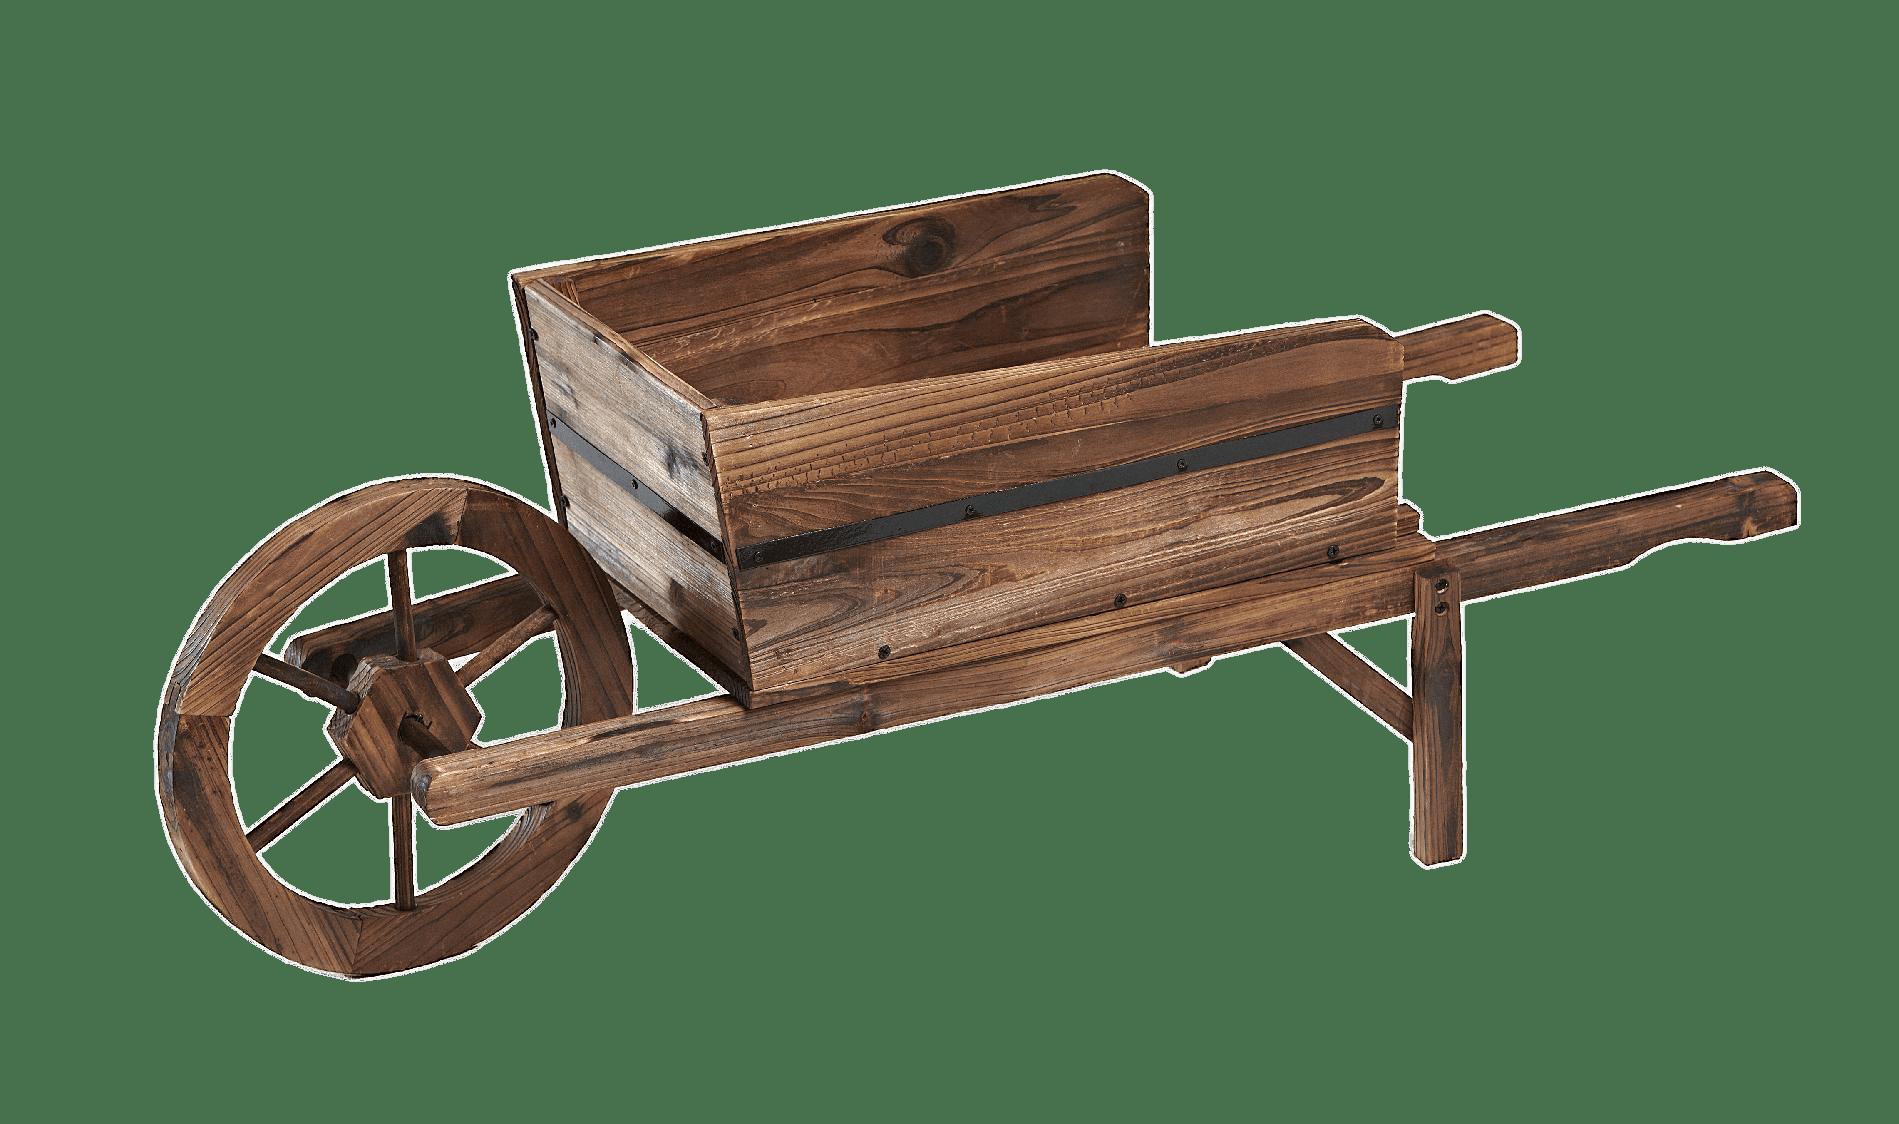 Wooden wheelbarrow transparent png. Wagon clipart wood cart